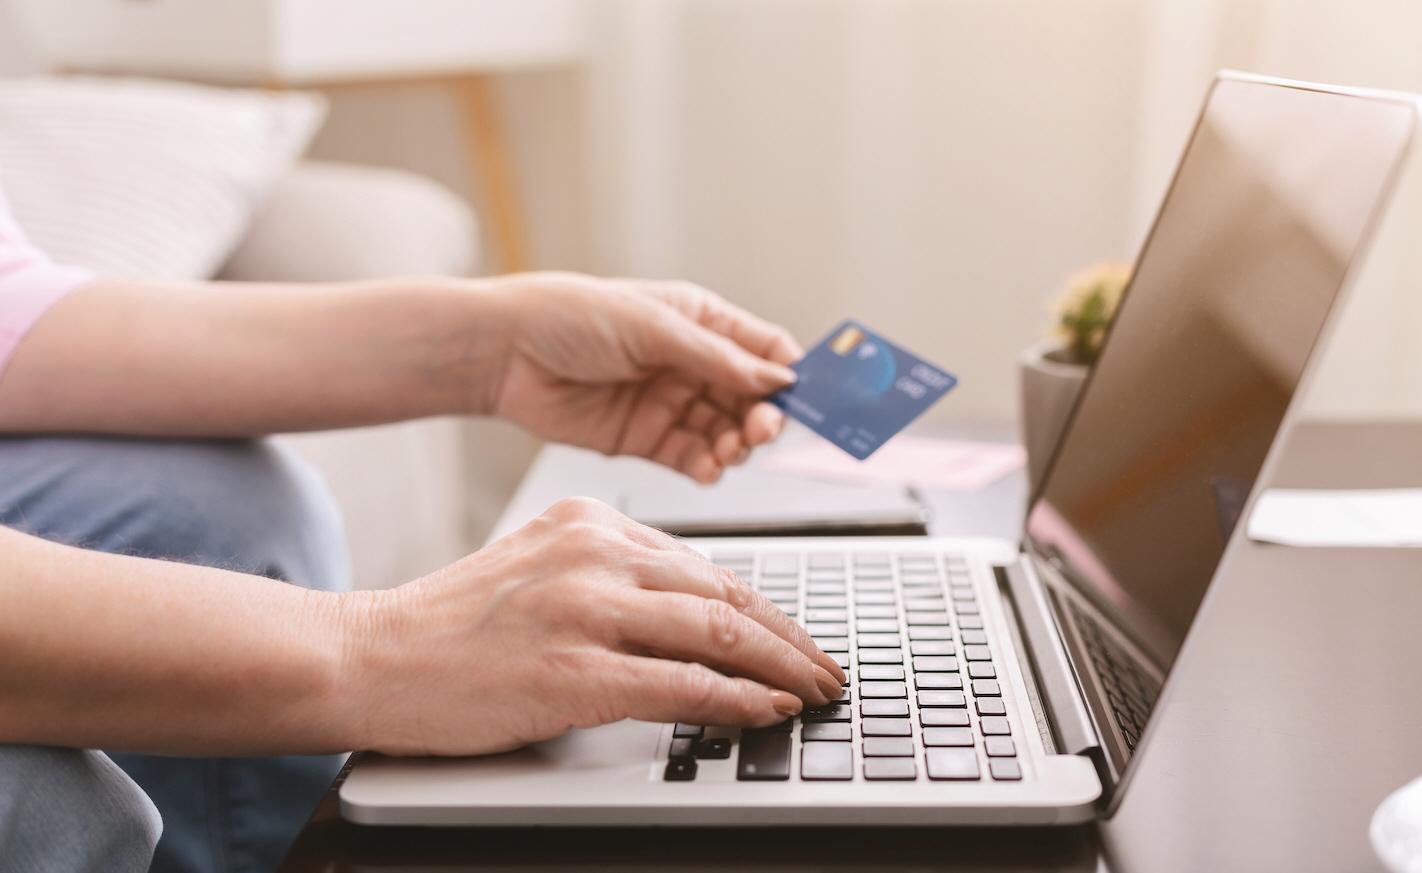 Covid-19 har slagit hårt mot resande och shopping i butiker, men samtidigt köper vi mer saker över internet, varför konsumtion fortfarande är ett hot mot klimatet.